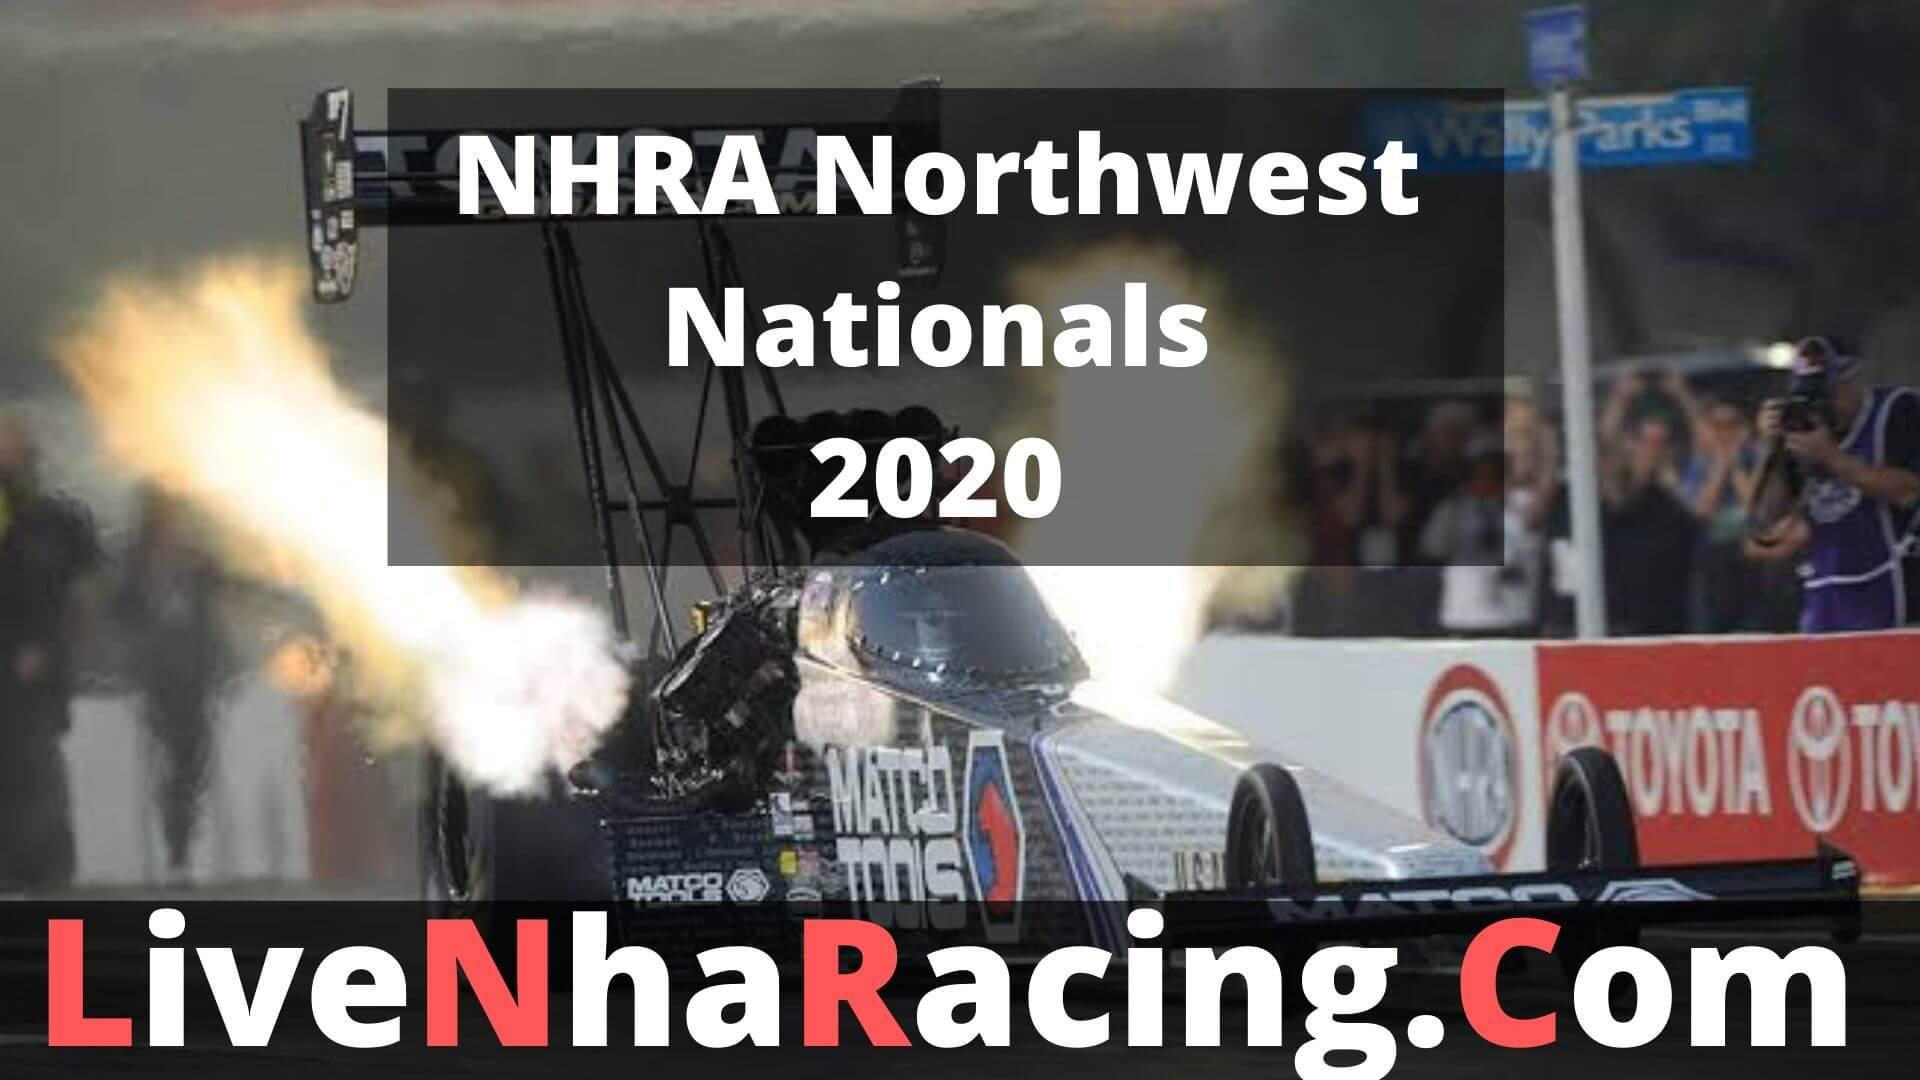 NHRA Northwest Nationals - Finals Live Stream